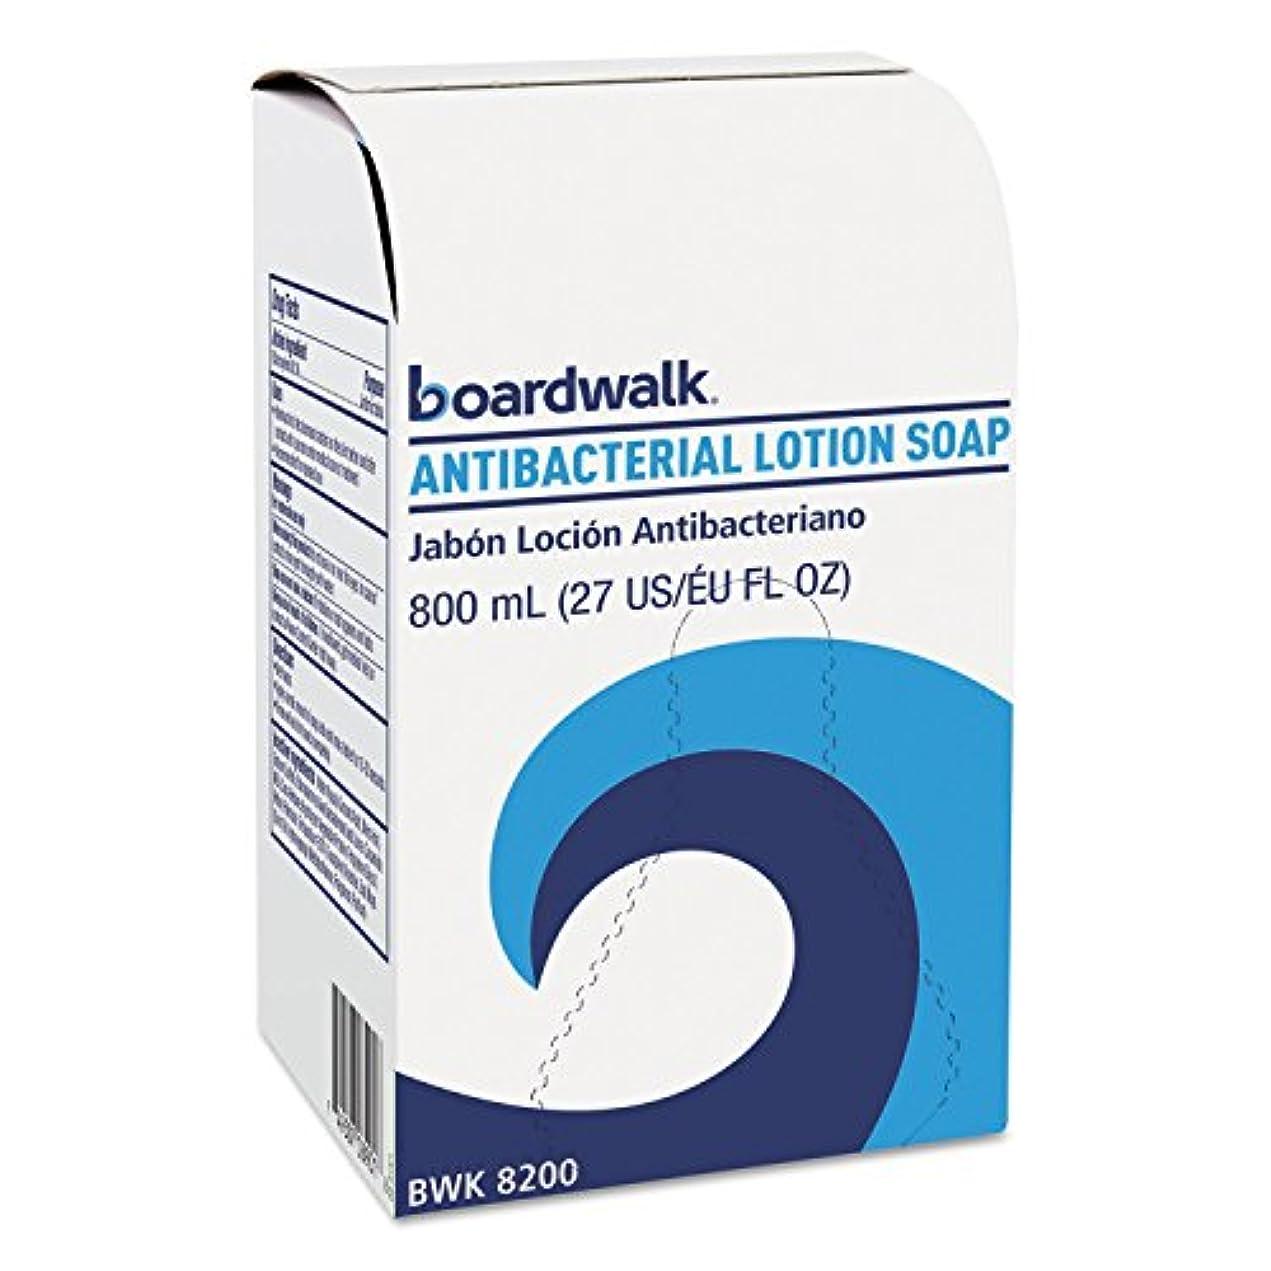 隙間バクテリア不適当ボードウォーク8200 CT Boardwalk抗菌ローションソープbwk8200ct BWK 8200 CT